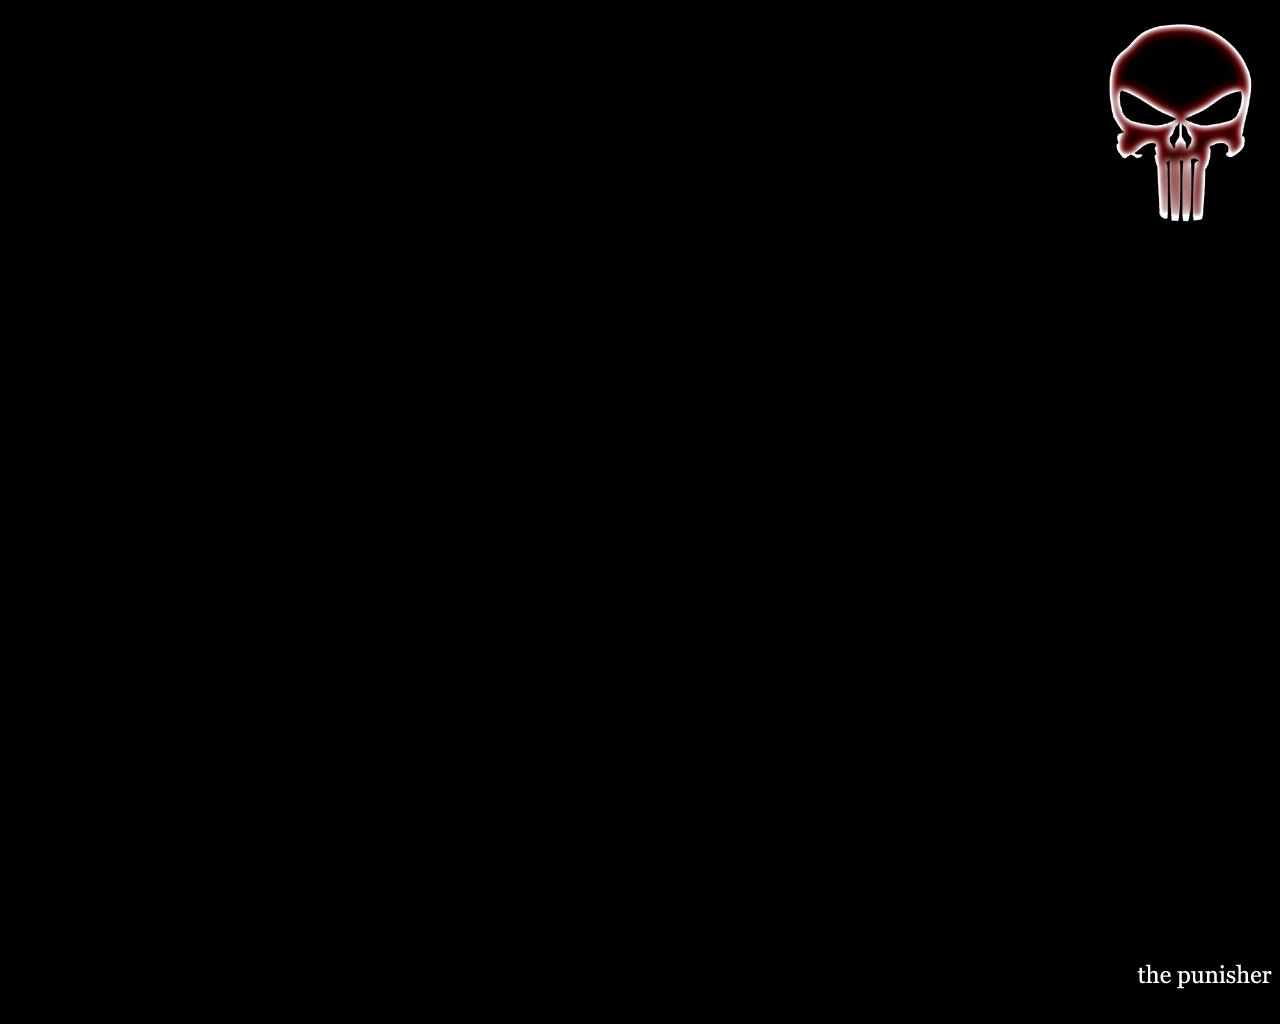 httpblank  deviantartcomartThe Punisher corner logo 15249511 1280x1024